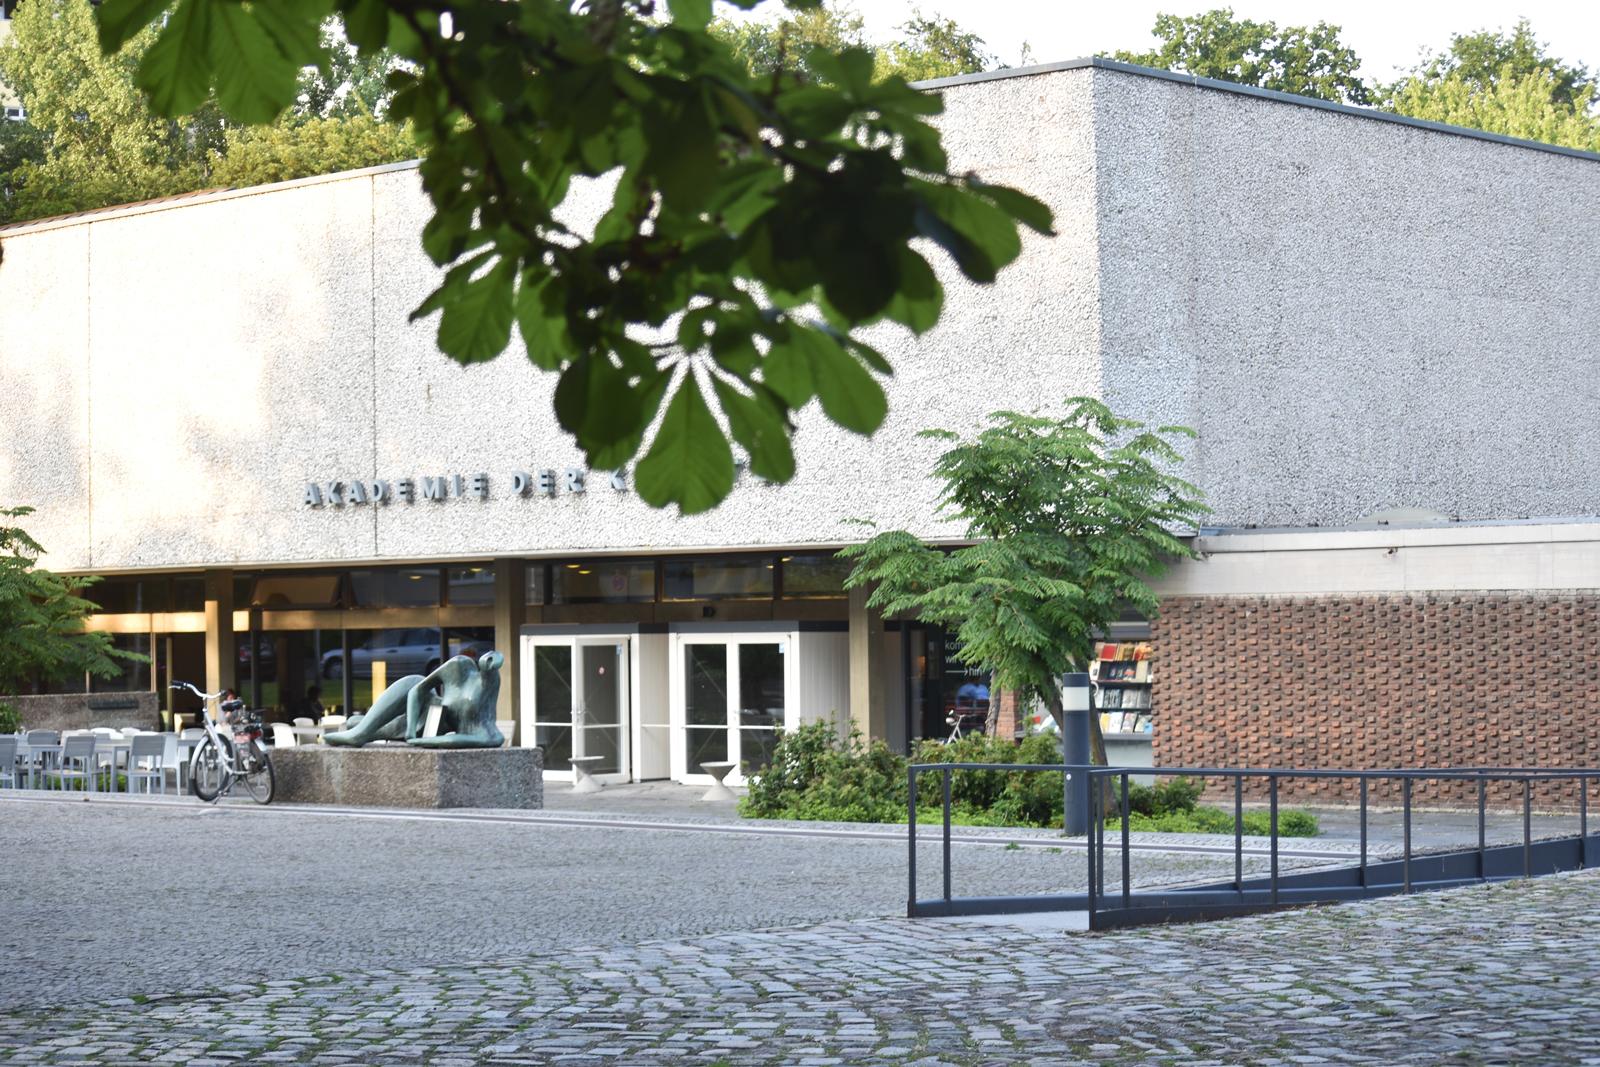 vorplatz-akademie-der-kuenste-berlin-hanseatenweg-eingang-aussenanlagen-armbruster-gruenanlage-vorplatz-perspektive-denkmal-landschaftsarchitektur